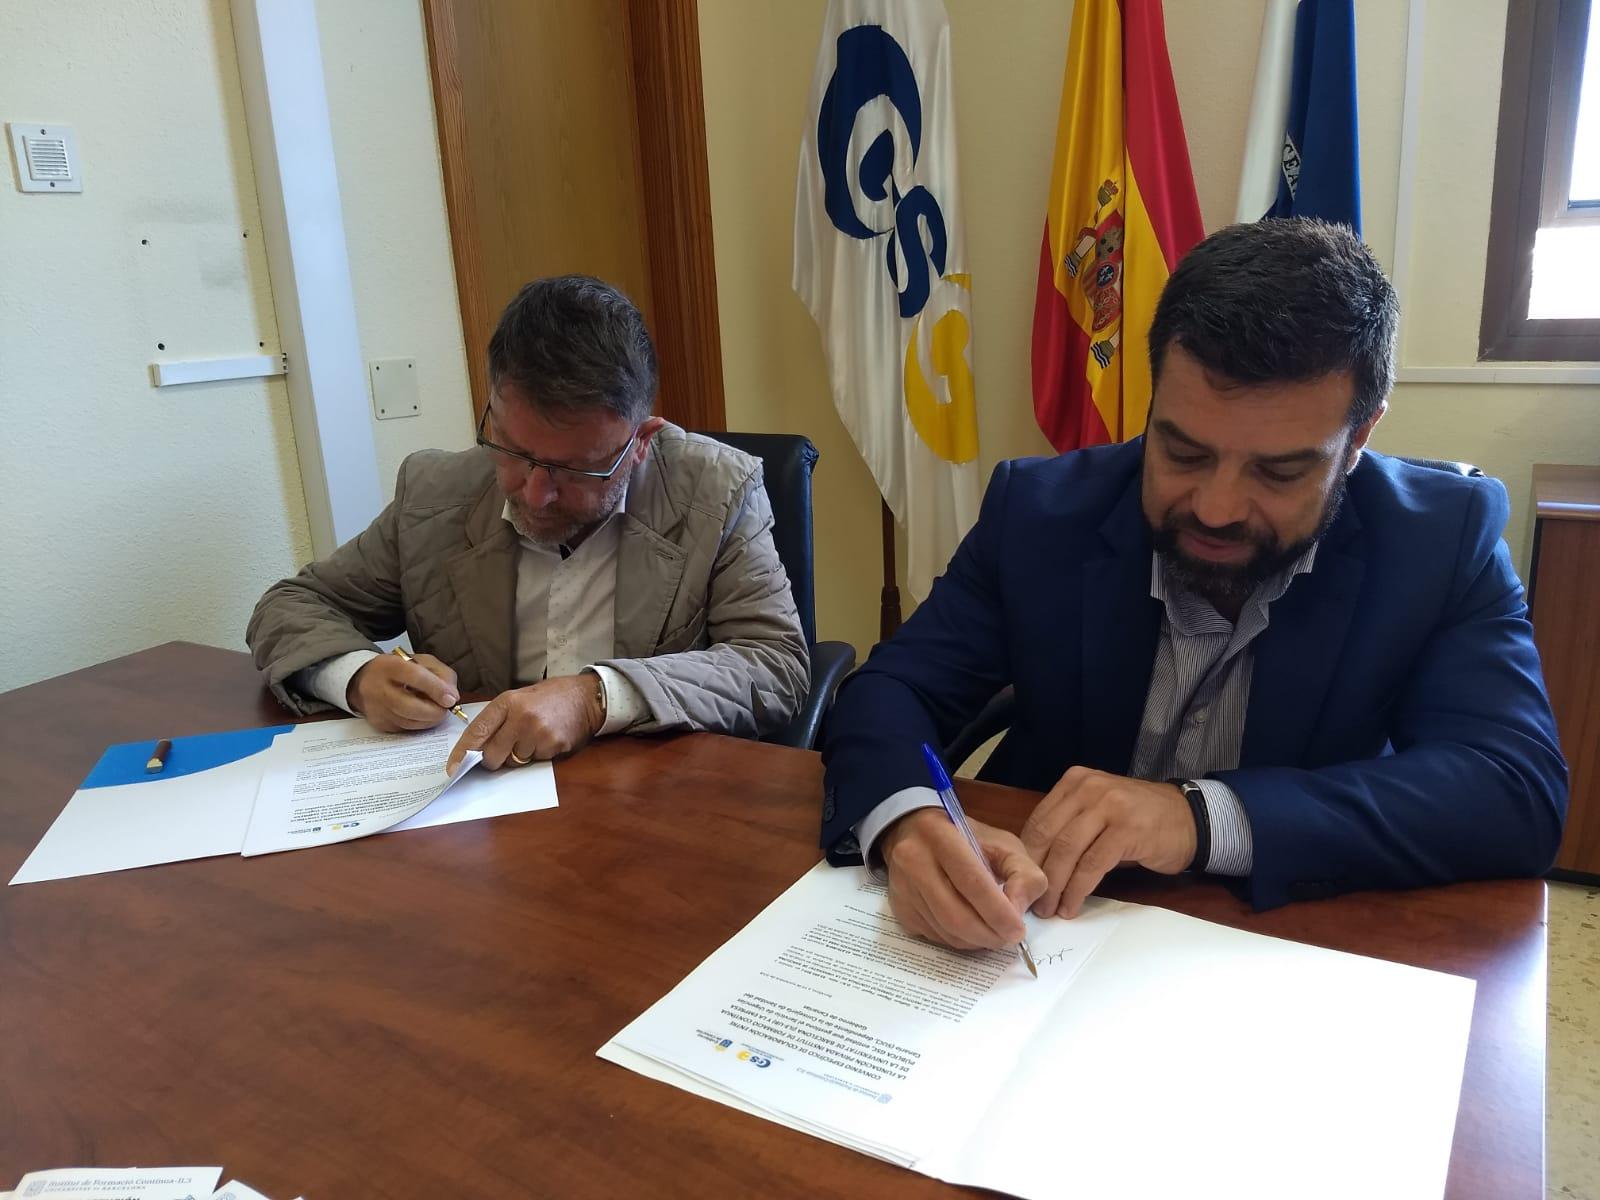 Guillem-Íñiguez-Papell-izq.-y-Luis-Rodríguez-Neyra-gerente-de-GSC